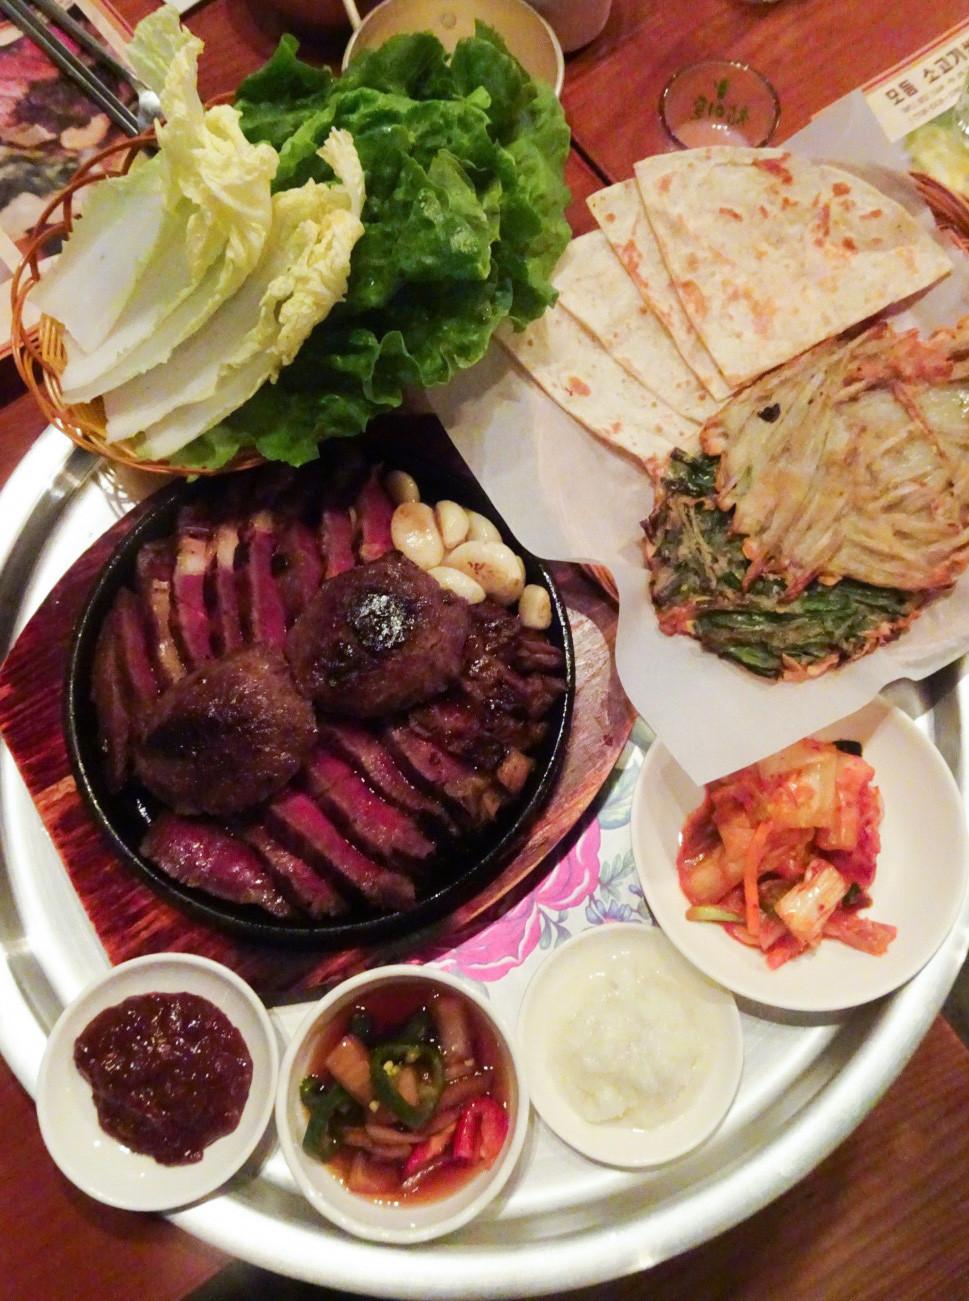 Food at Ssal Bori Ssal restaurant in Hong Kong